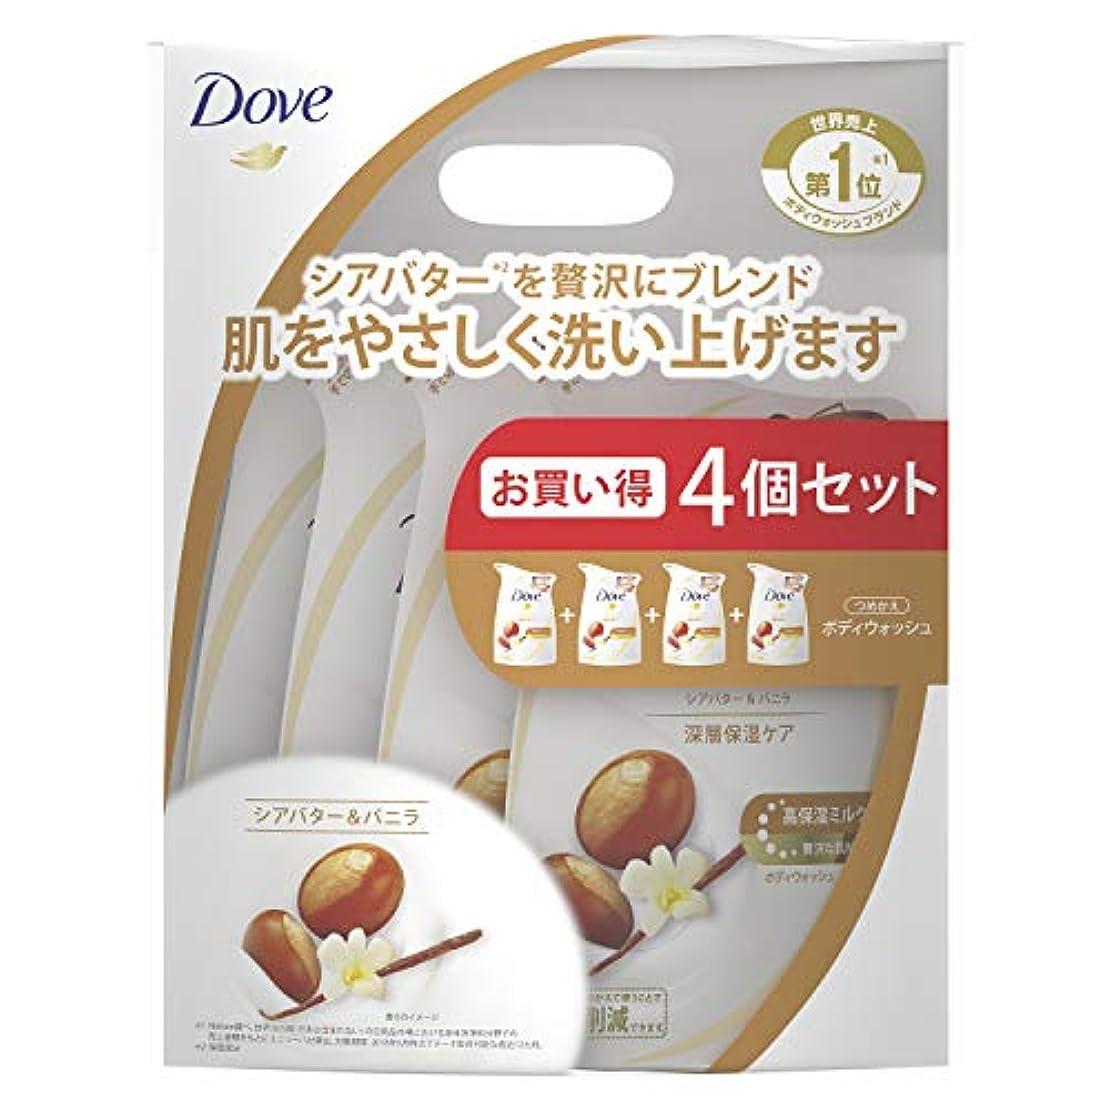 平野免疫する仕事Dove(ダヴ) ダヴ ボディウォッシュ リッチケア シアバター&バニラ つめかえ用 4個セット ボディソープ 詰替え 340g×4個